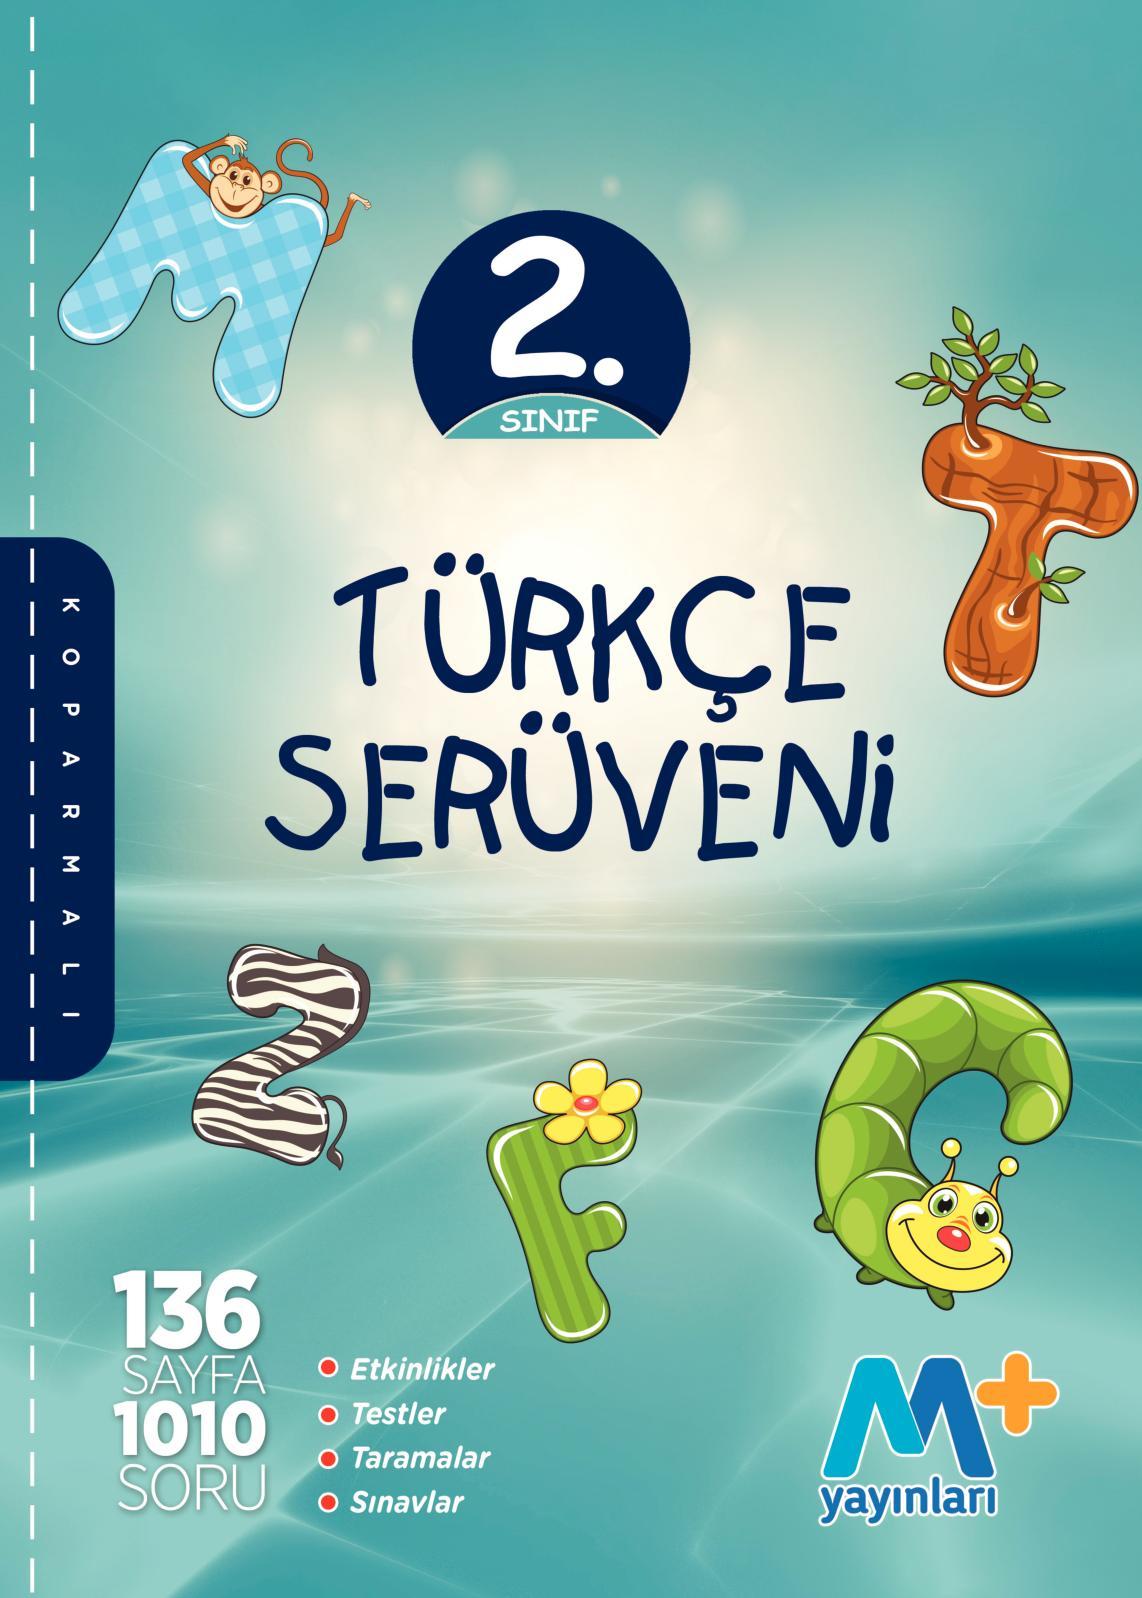 Calameo 2 Sinif Turkce Ders Kitabi Seruven Seti